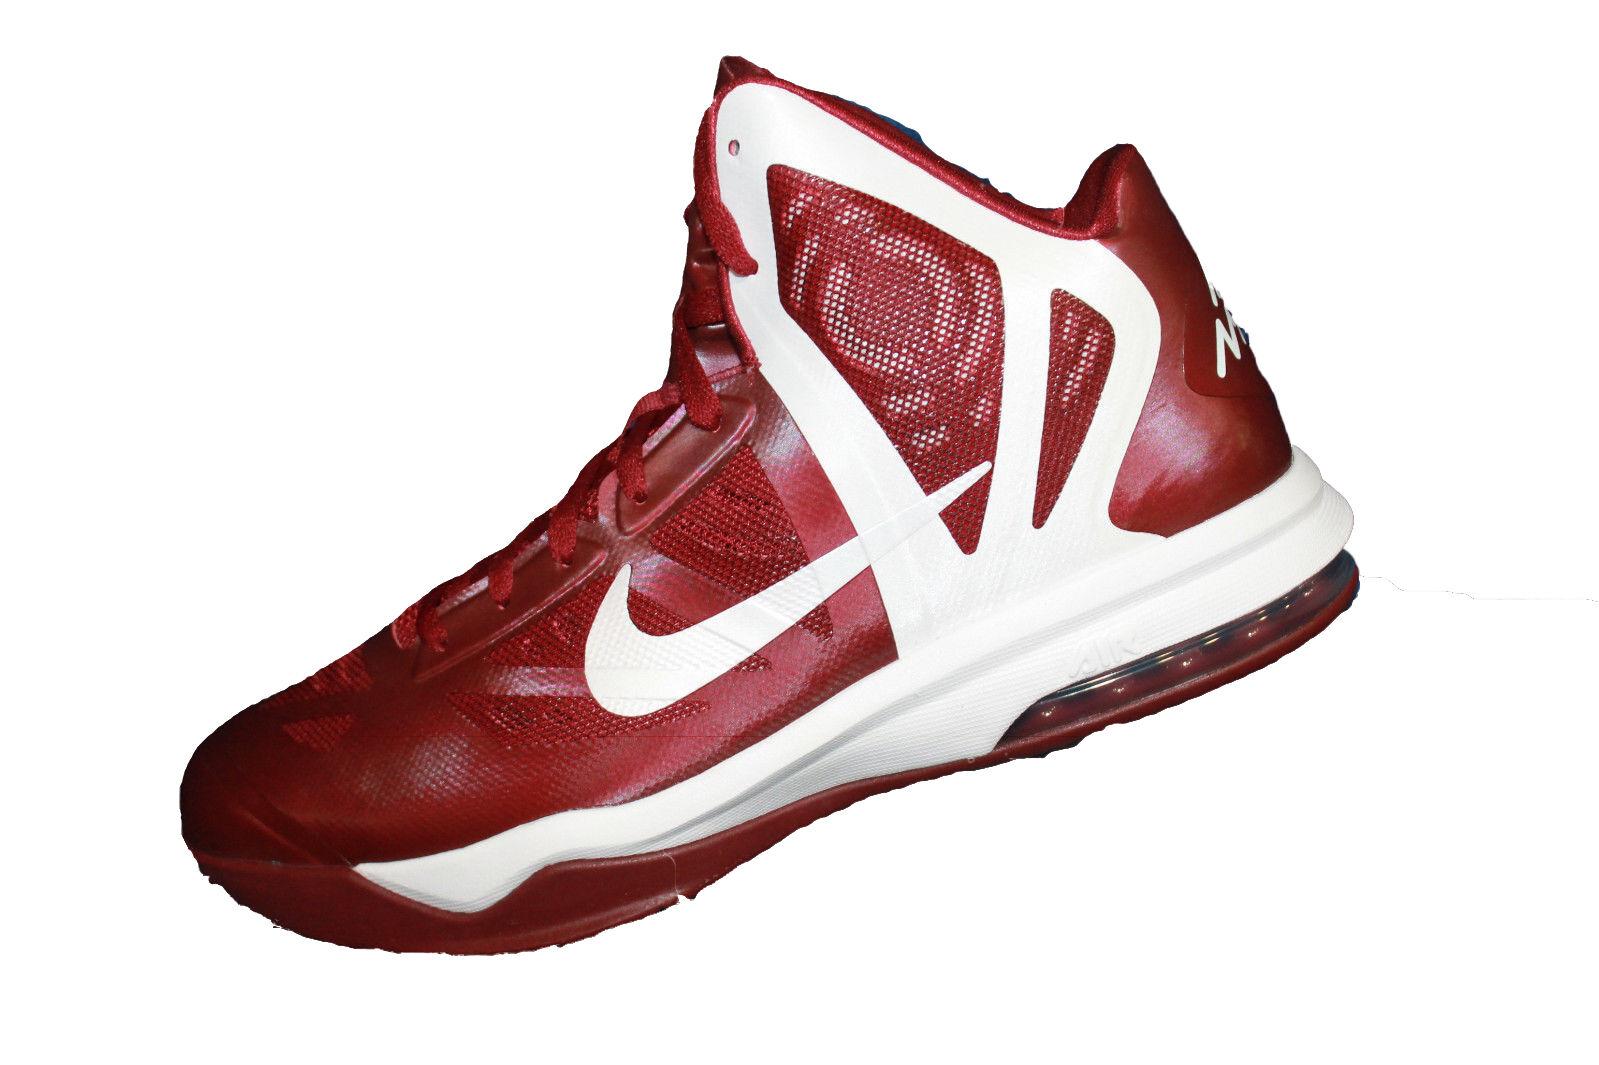 Hombre Nike Max Zapato Hyperaggressor TB NUEVO baloncesto Air Zapato Max  524867601 516882